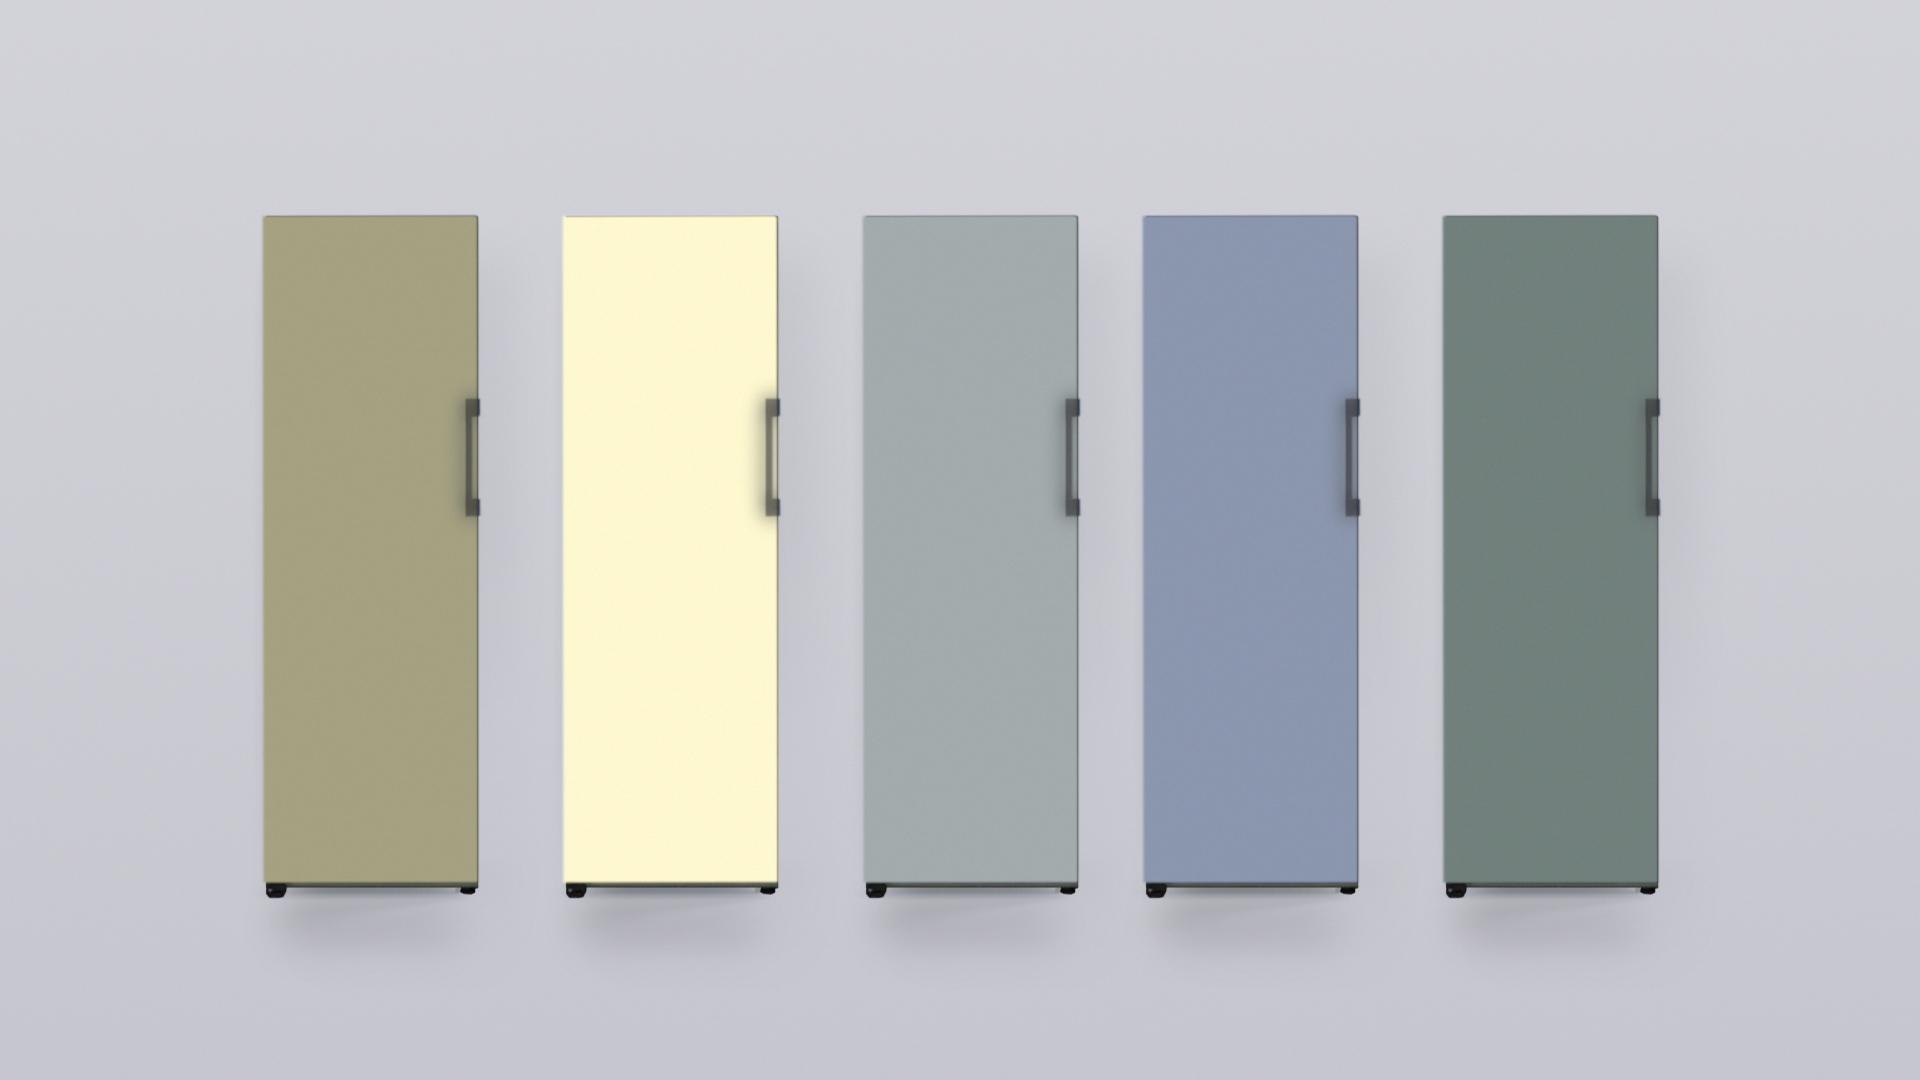 Дизайнер Метте Хей поделилась источниками вдохновения для создания цветовой гаммы линейки холодильников Bespoke